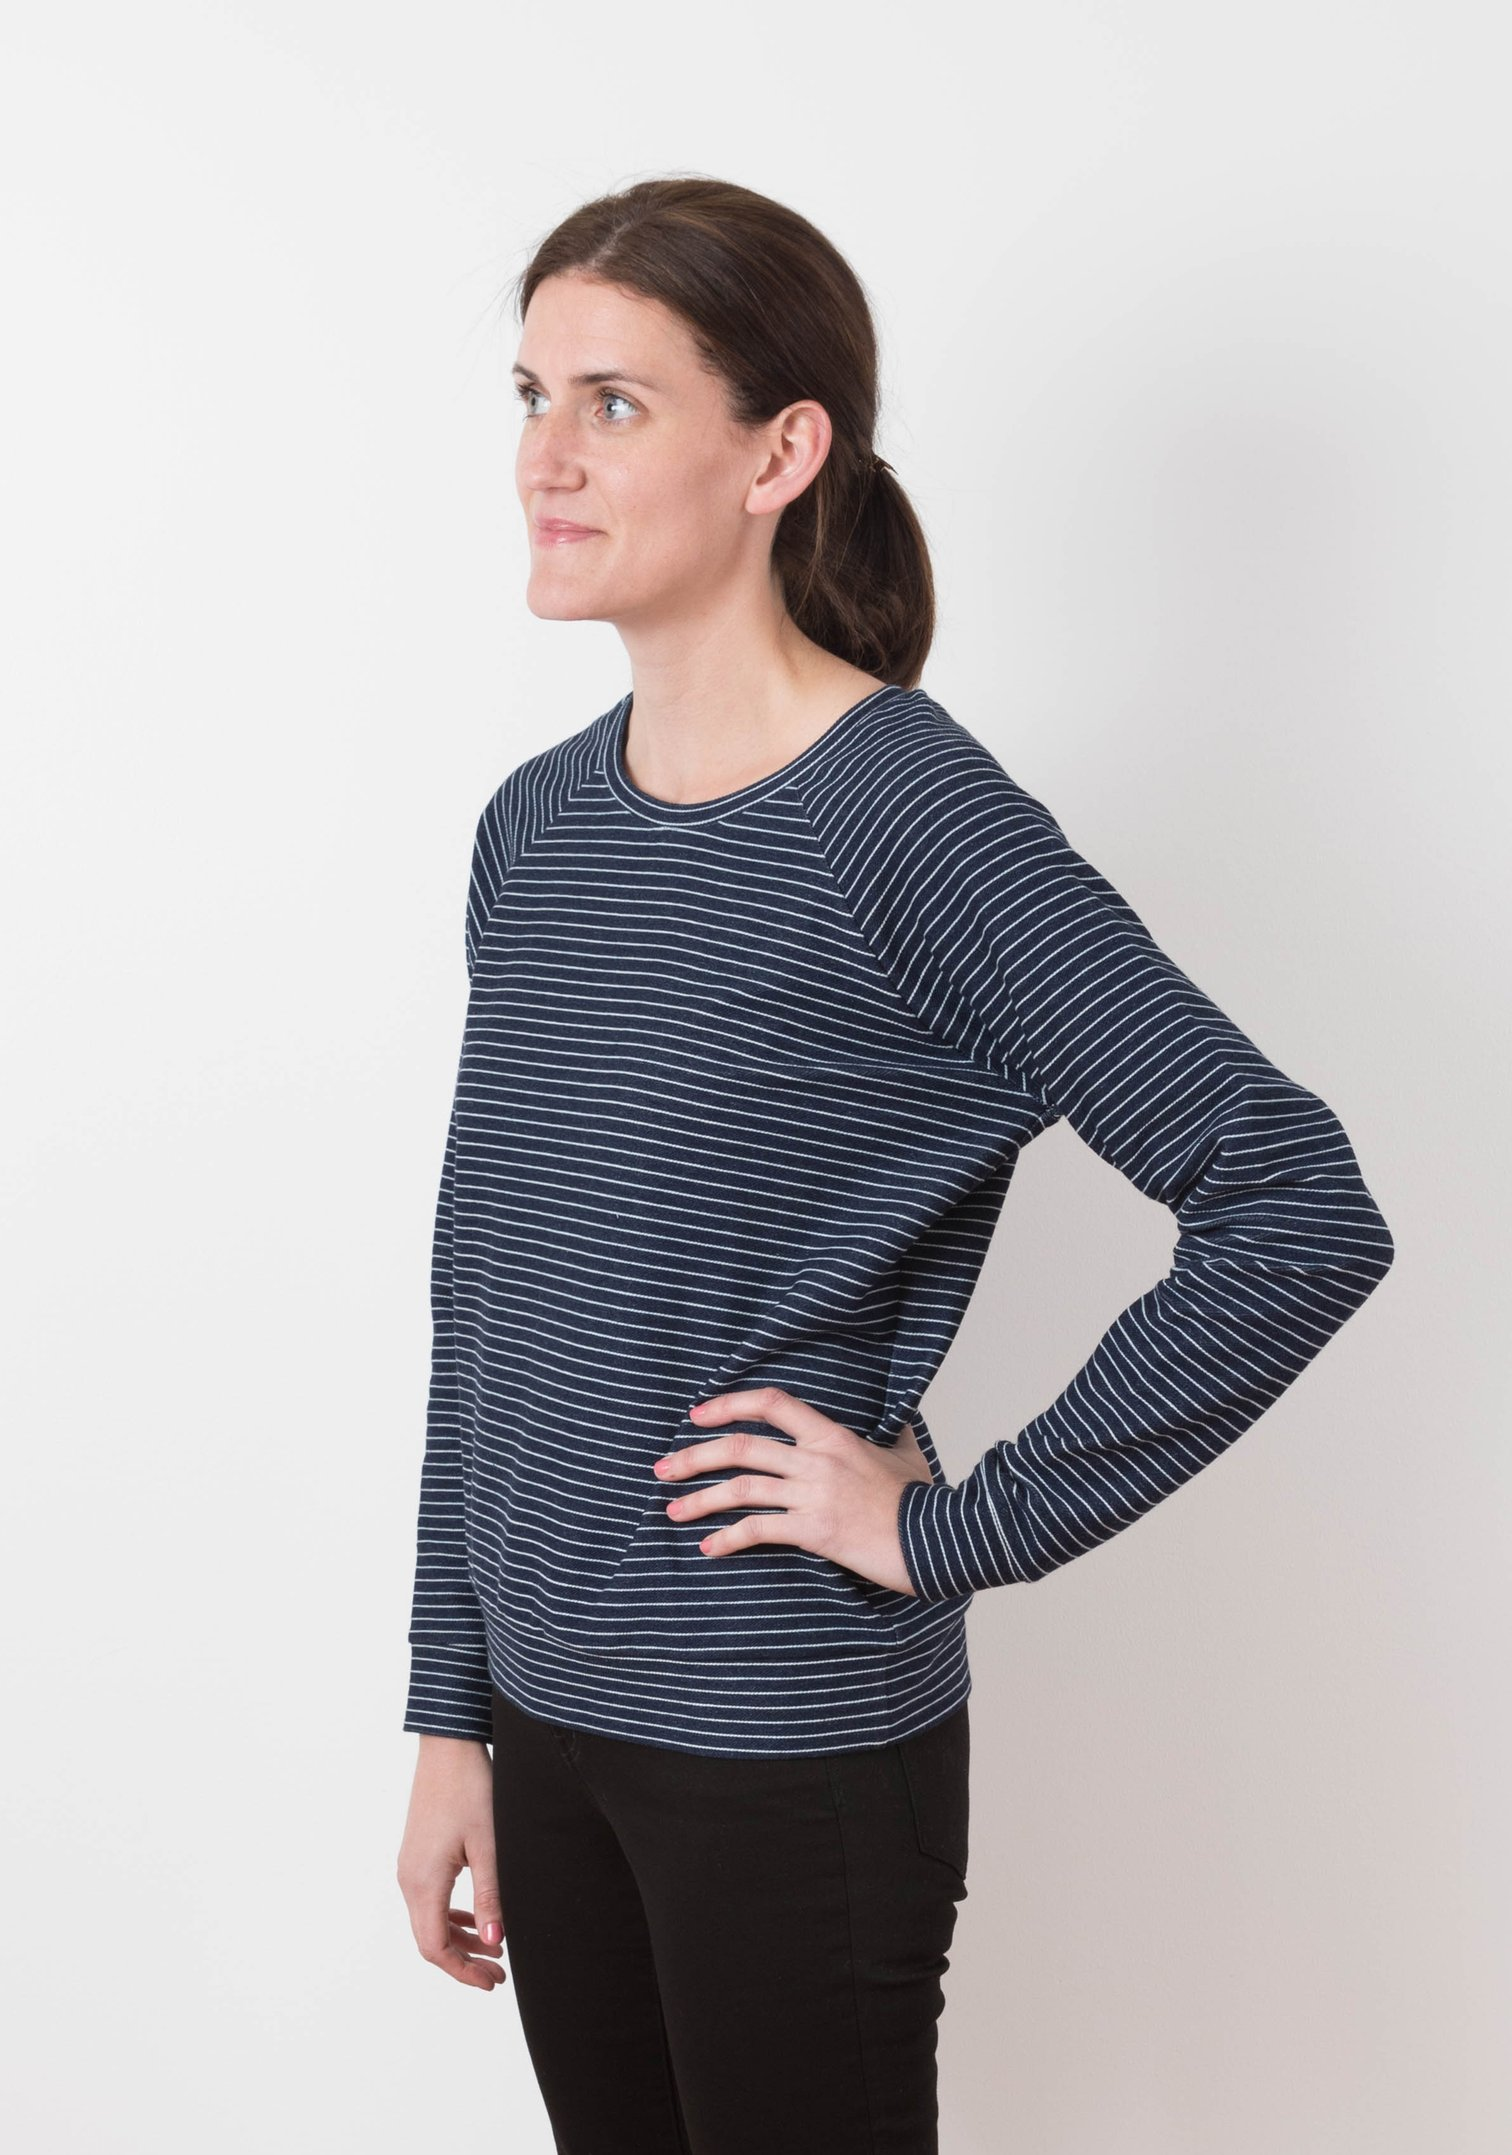 Woman wearing a sweatshirt